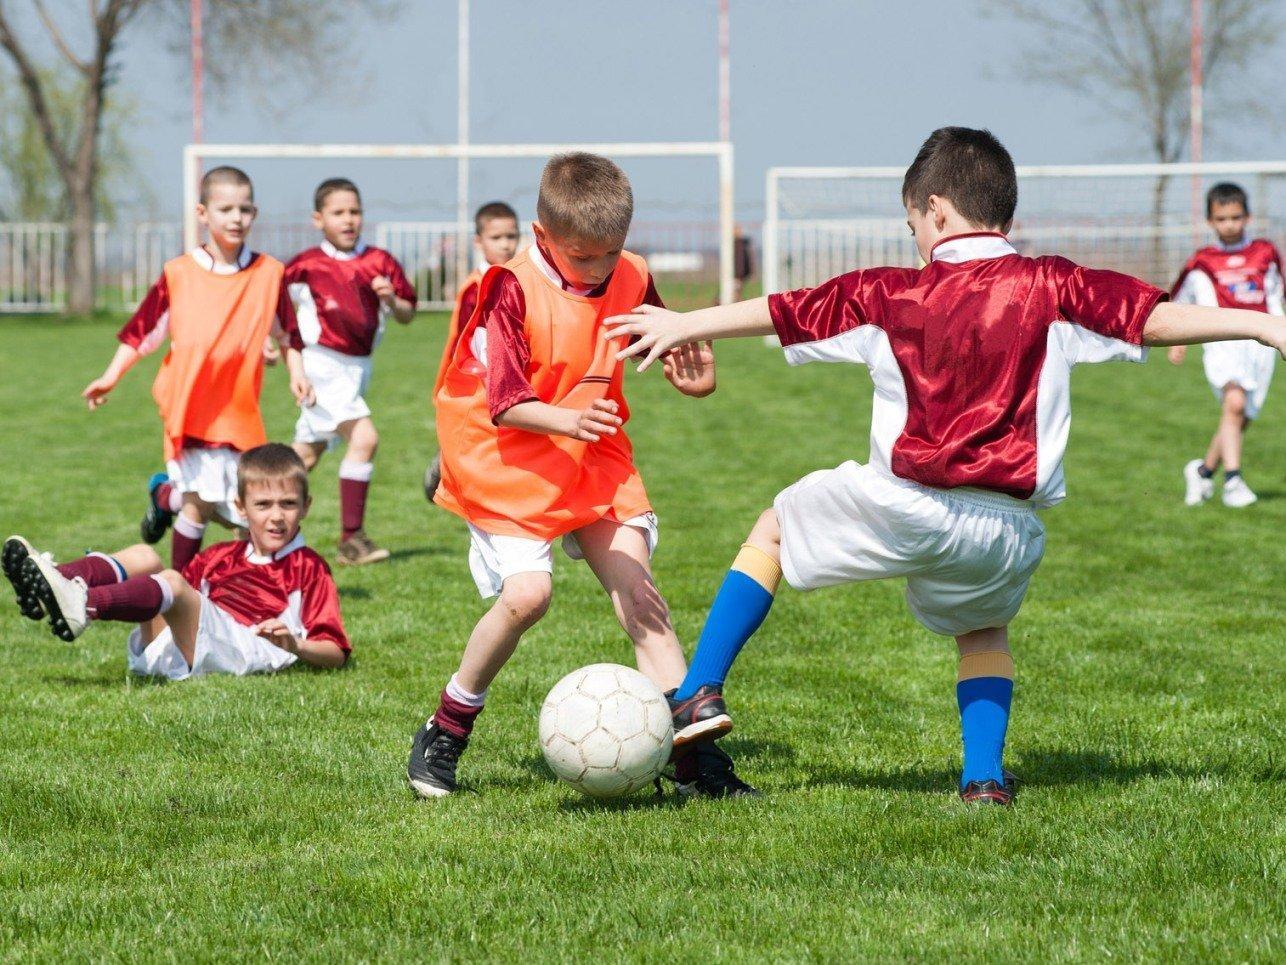 6 Aprile Sport, Sviluppo e Pace